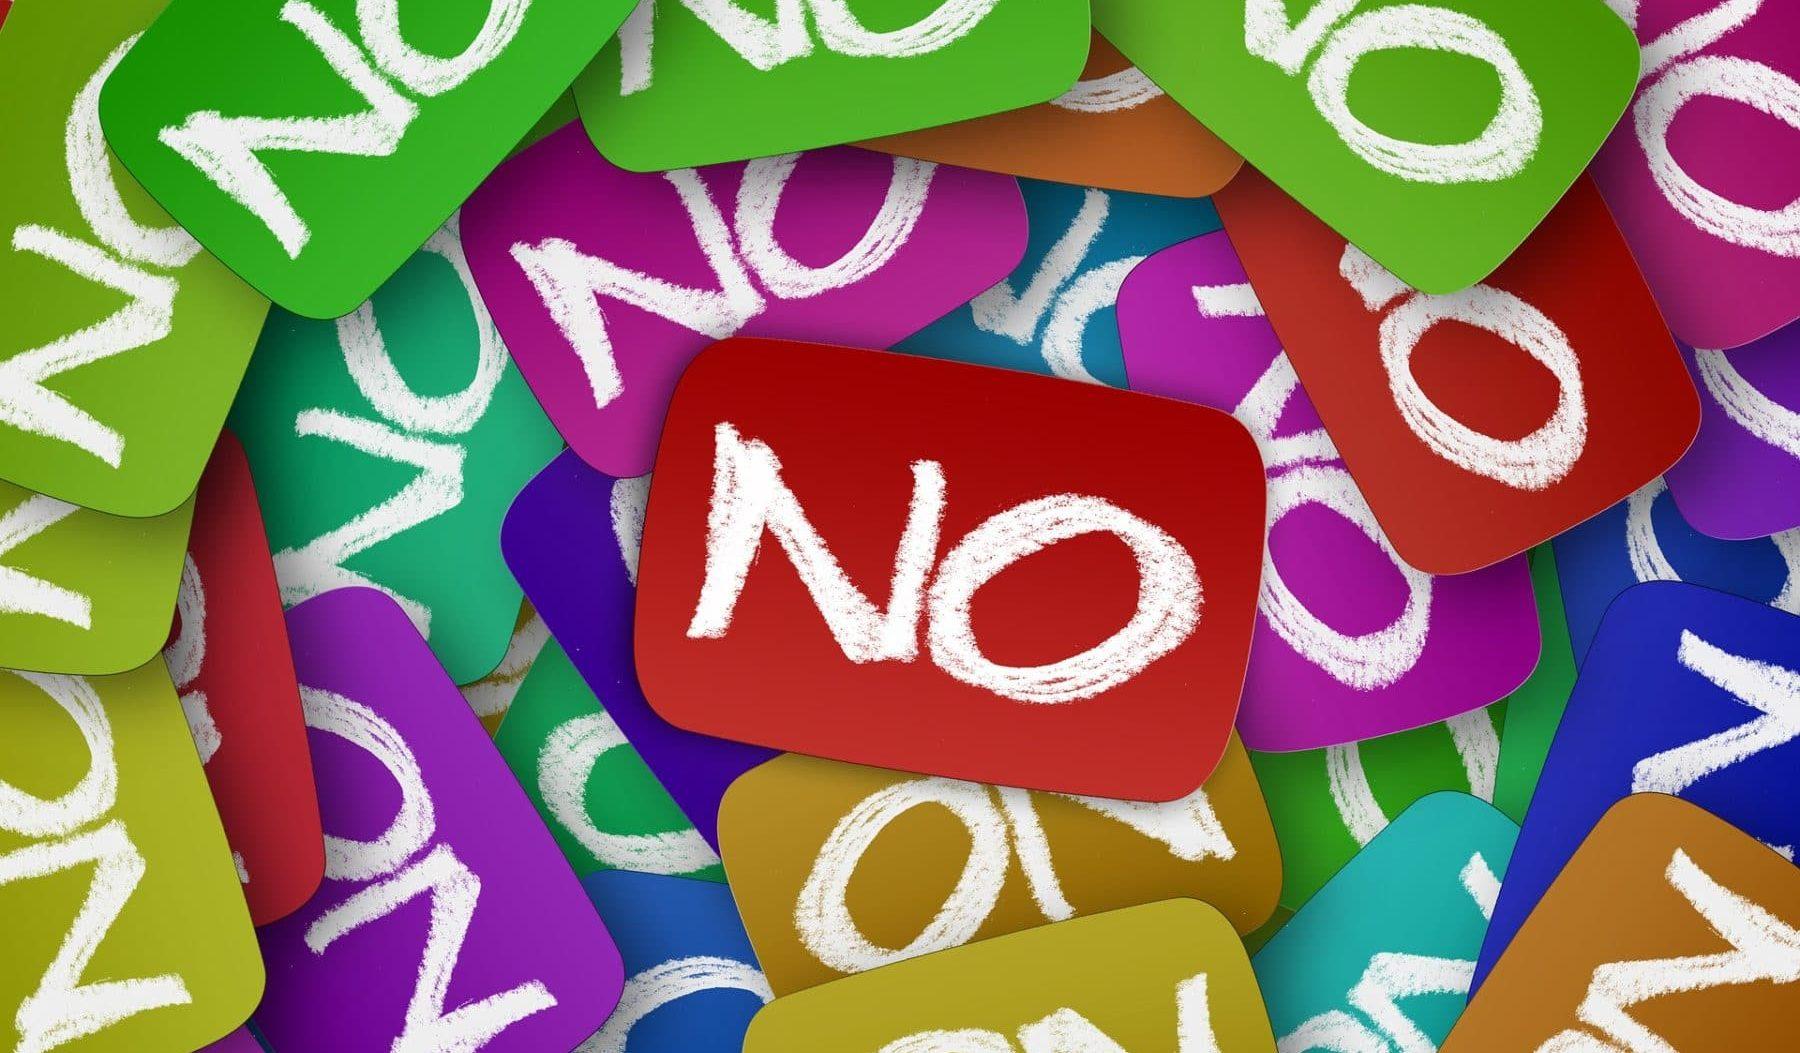 """Viele """"no"""" für """"nein"""" auf bunten Schildchen im Kreis gelegt"""